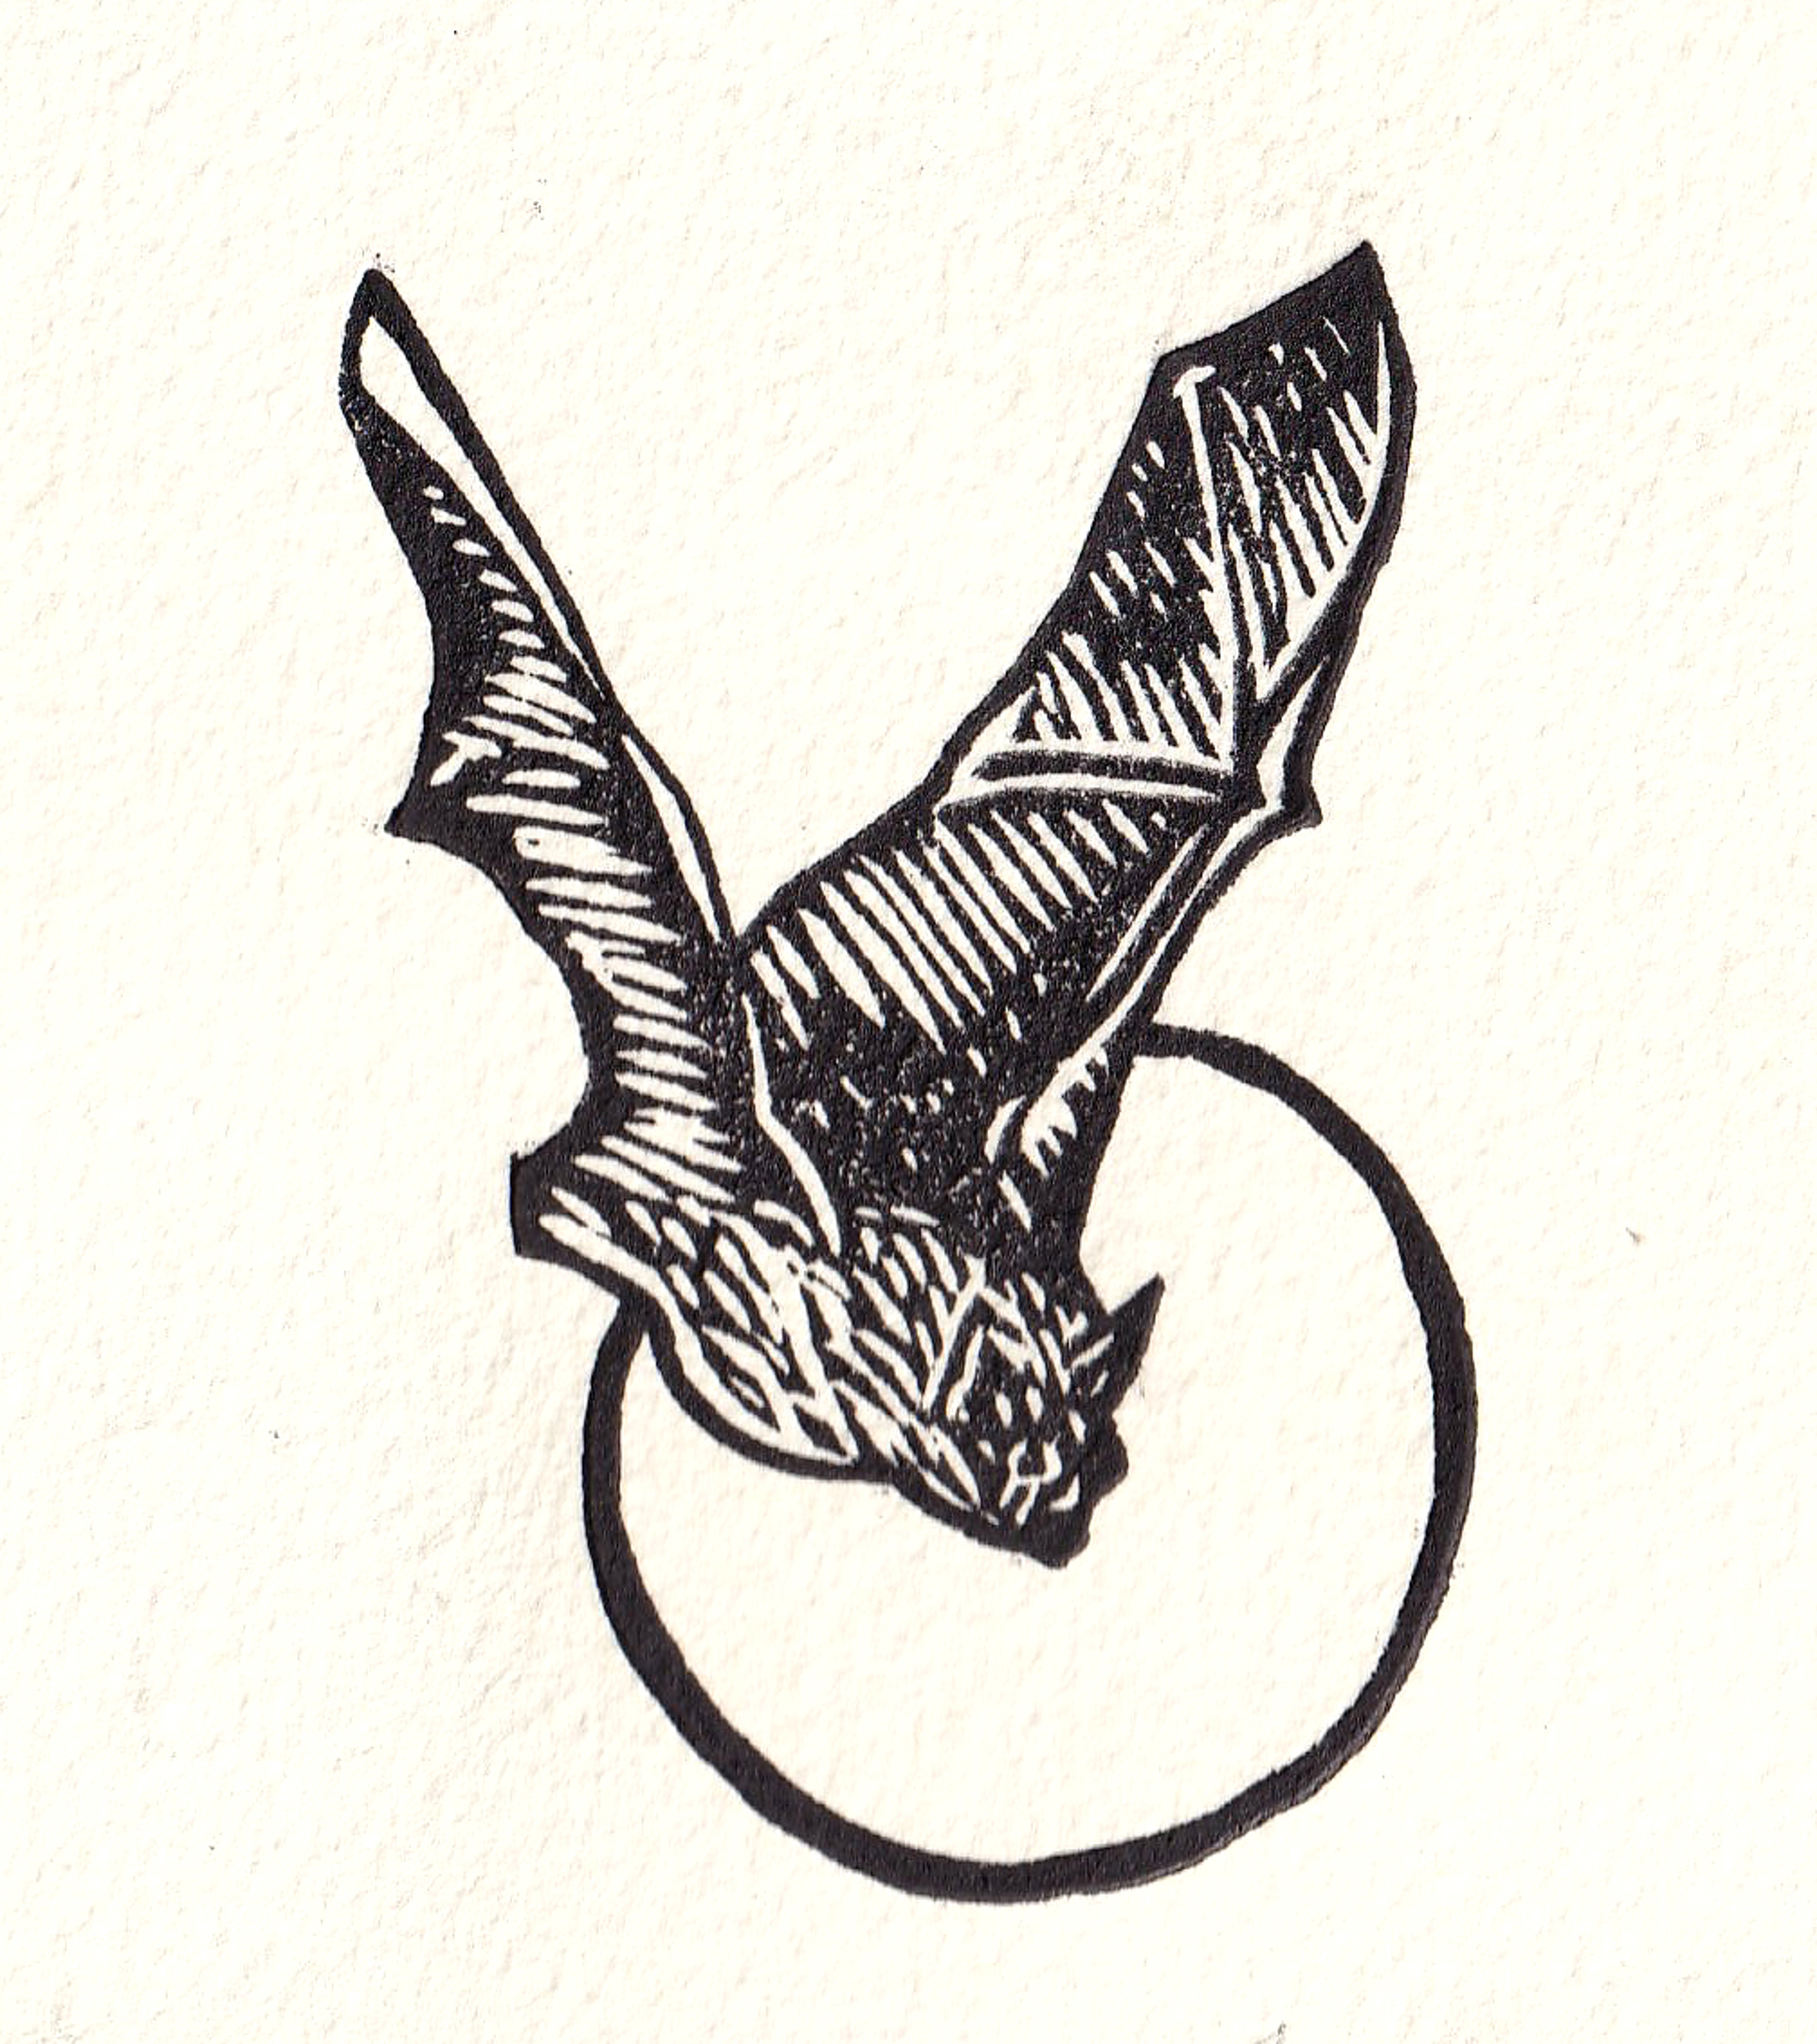 Murcielago by Miguel Jimenez Martinez